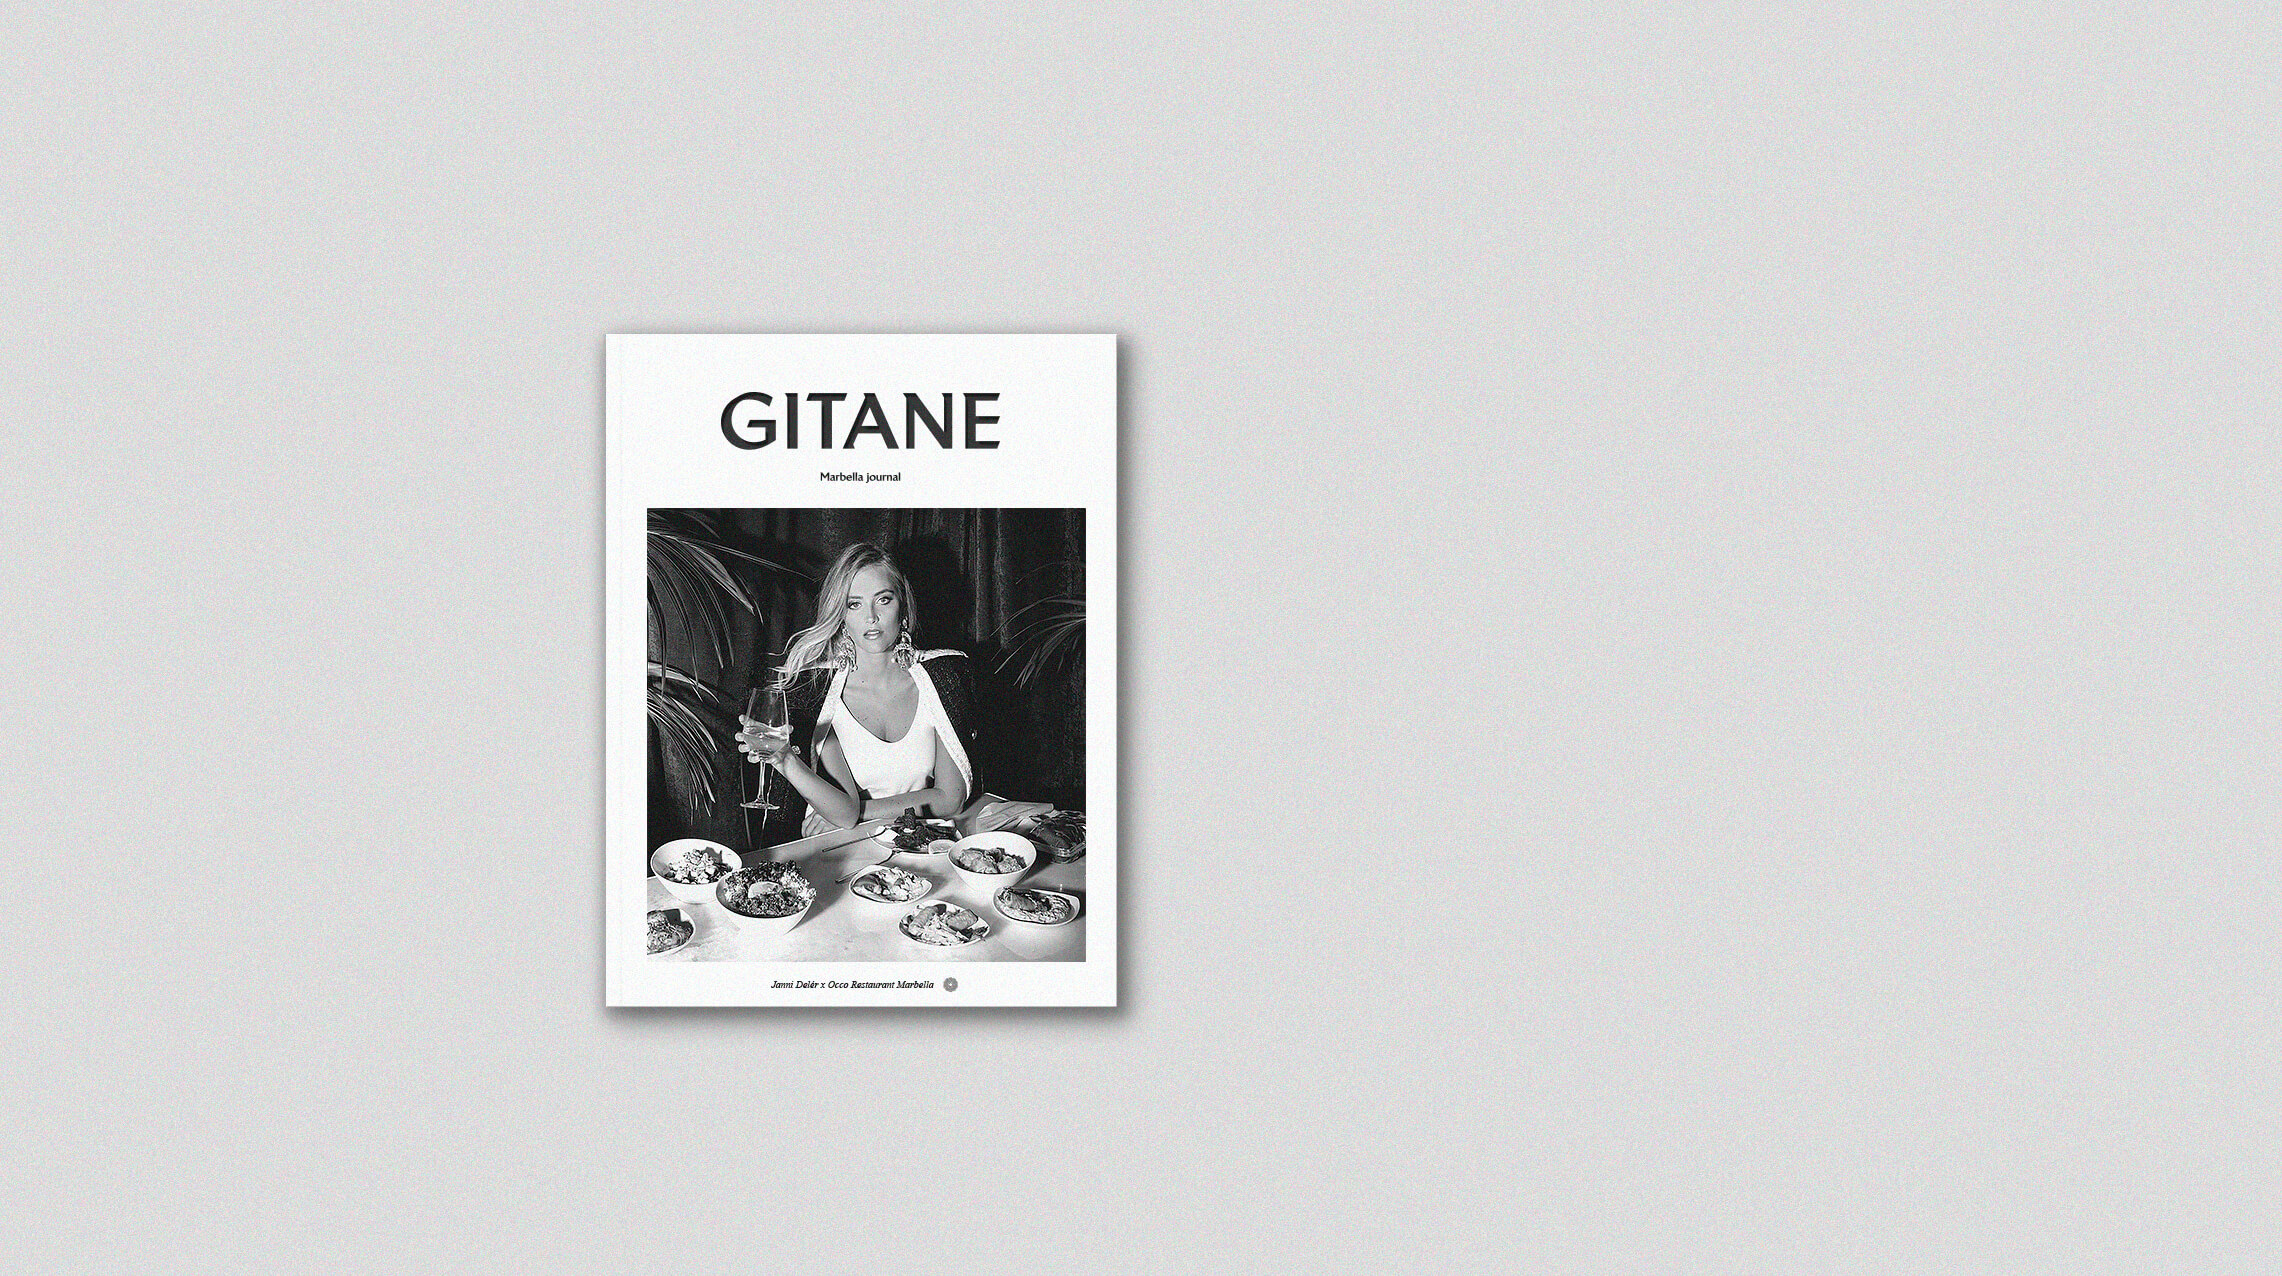 gitane-issue-one-lifestyle-cover-slider